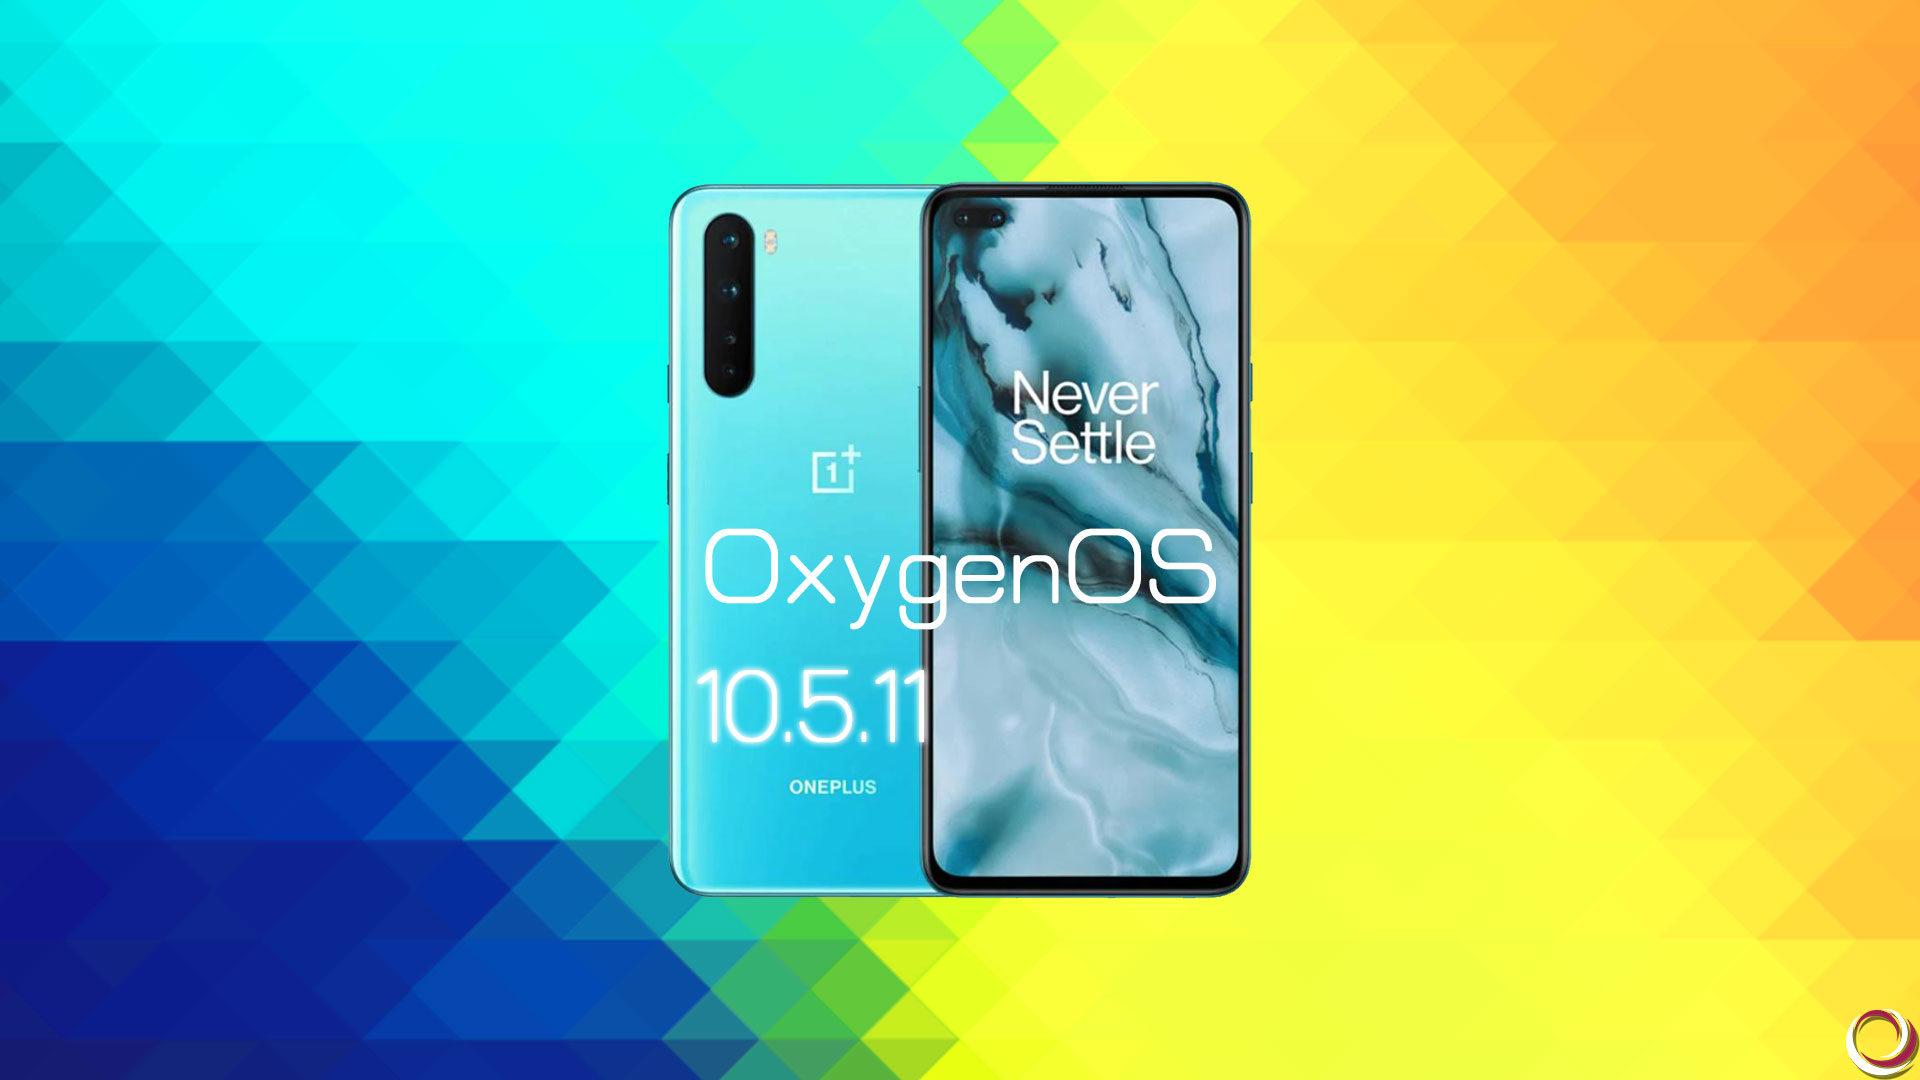 「OnePlus Nord」向けに2021年1月セキュリティパッチが含まれる「OxygenOS 10.5.11」がリリース